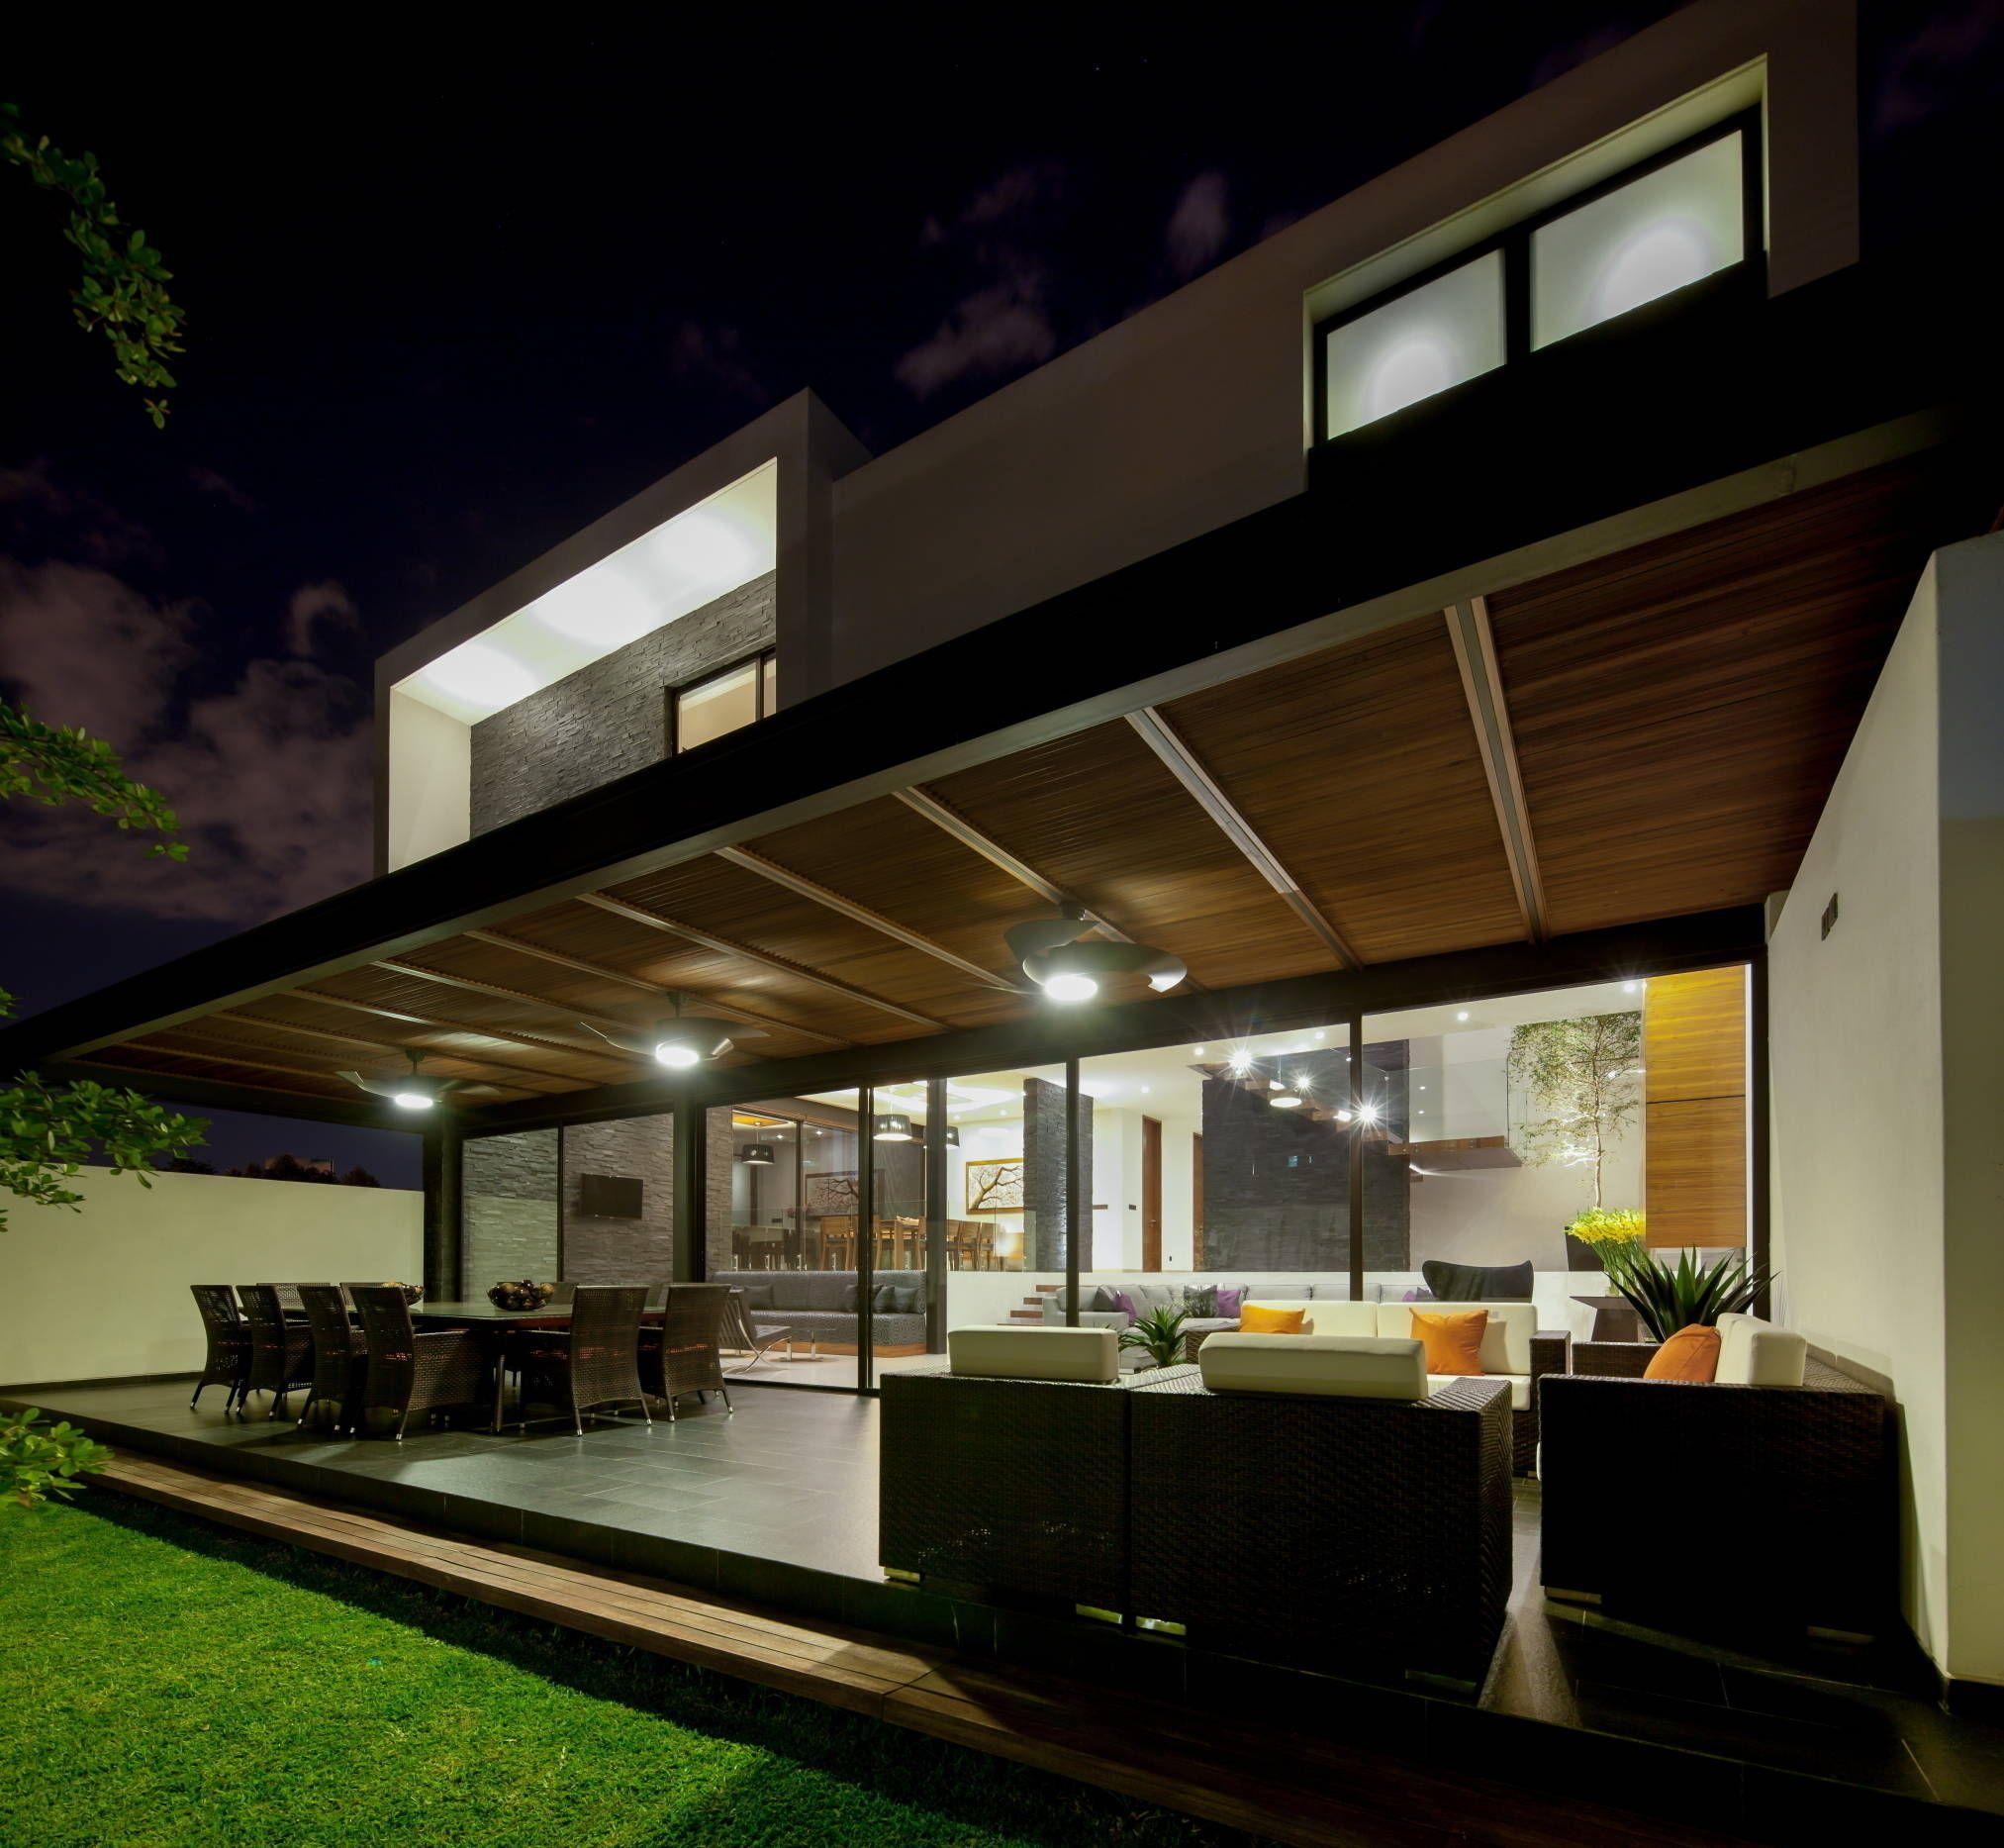 Casa Gm Terrazas De Estilo Por Glr Arquitectos Terraza